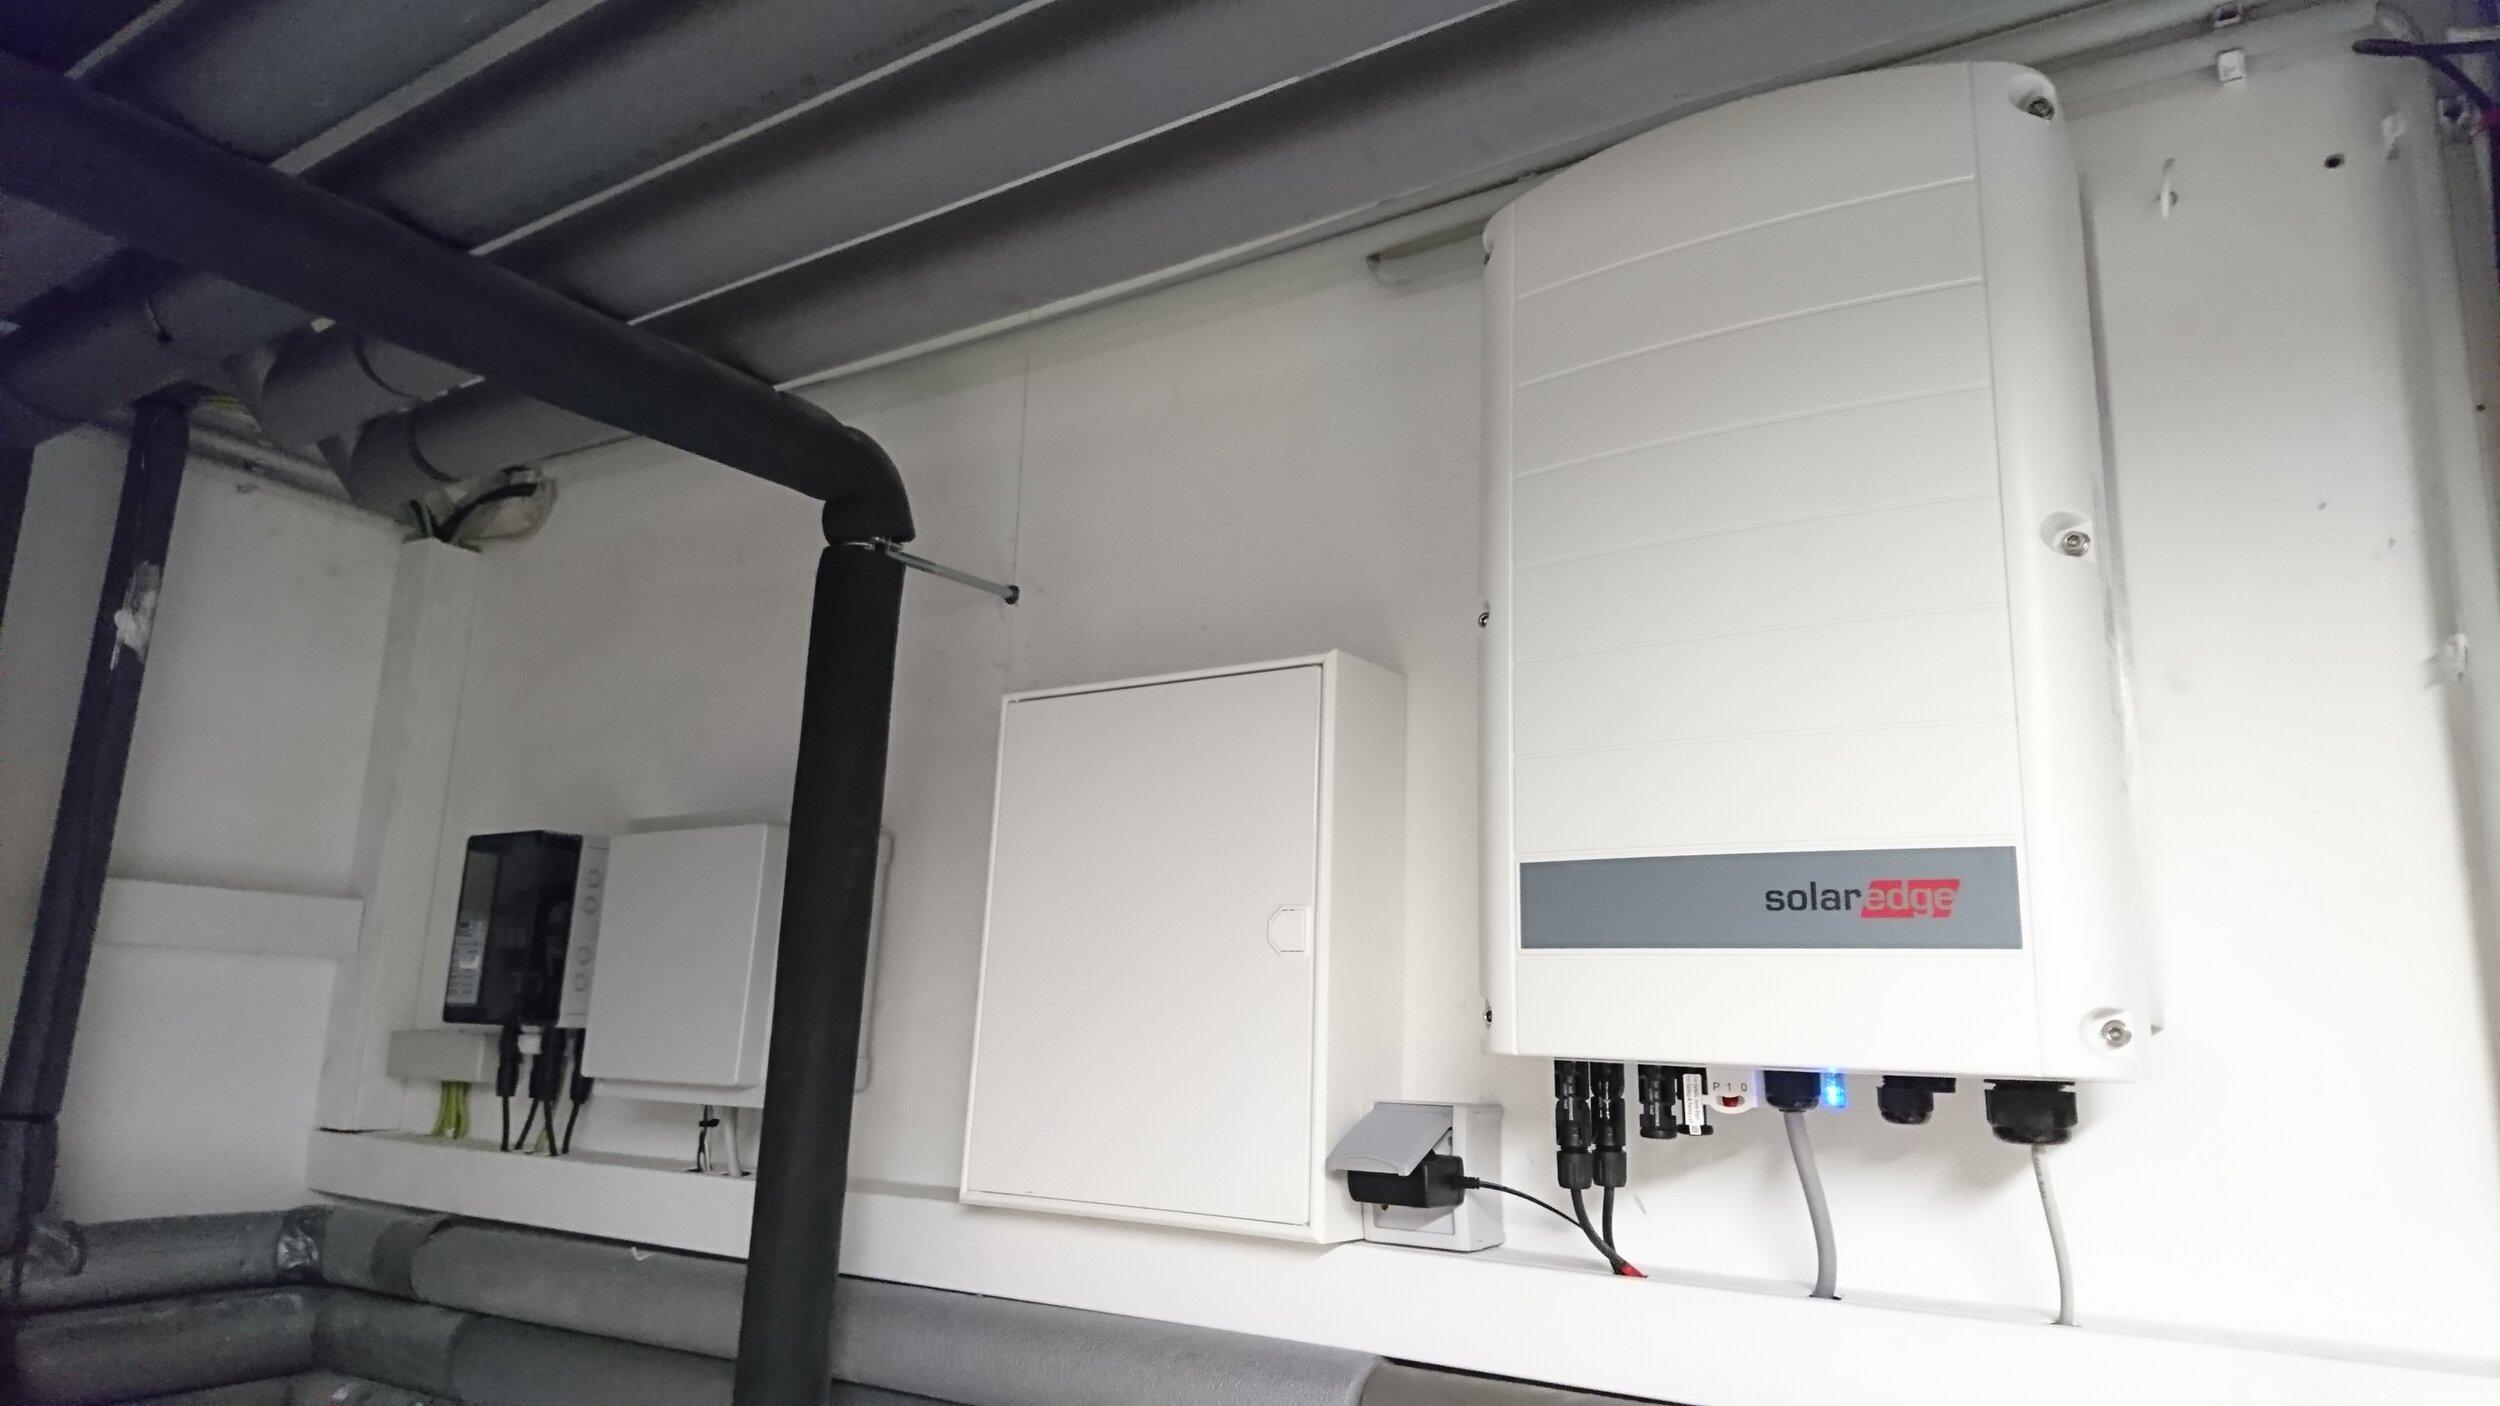 MANNStrom_Ikratos_PV Installation